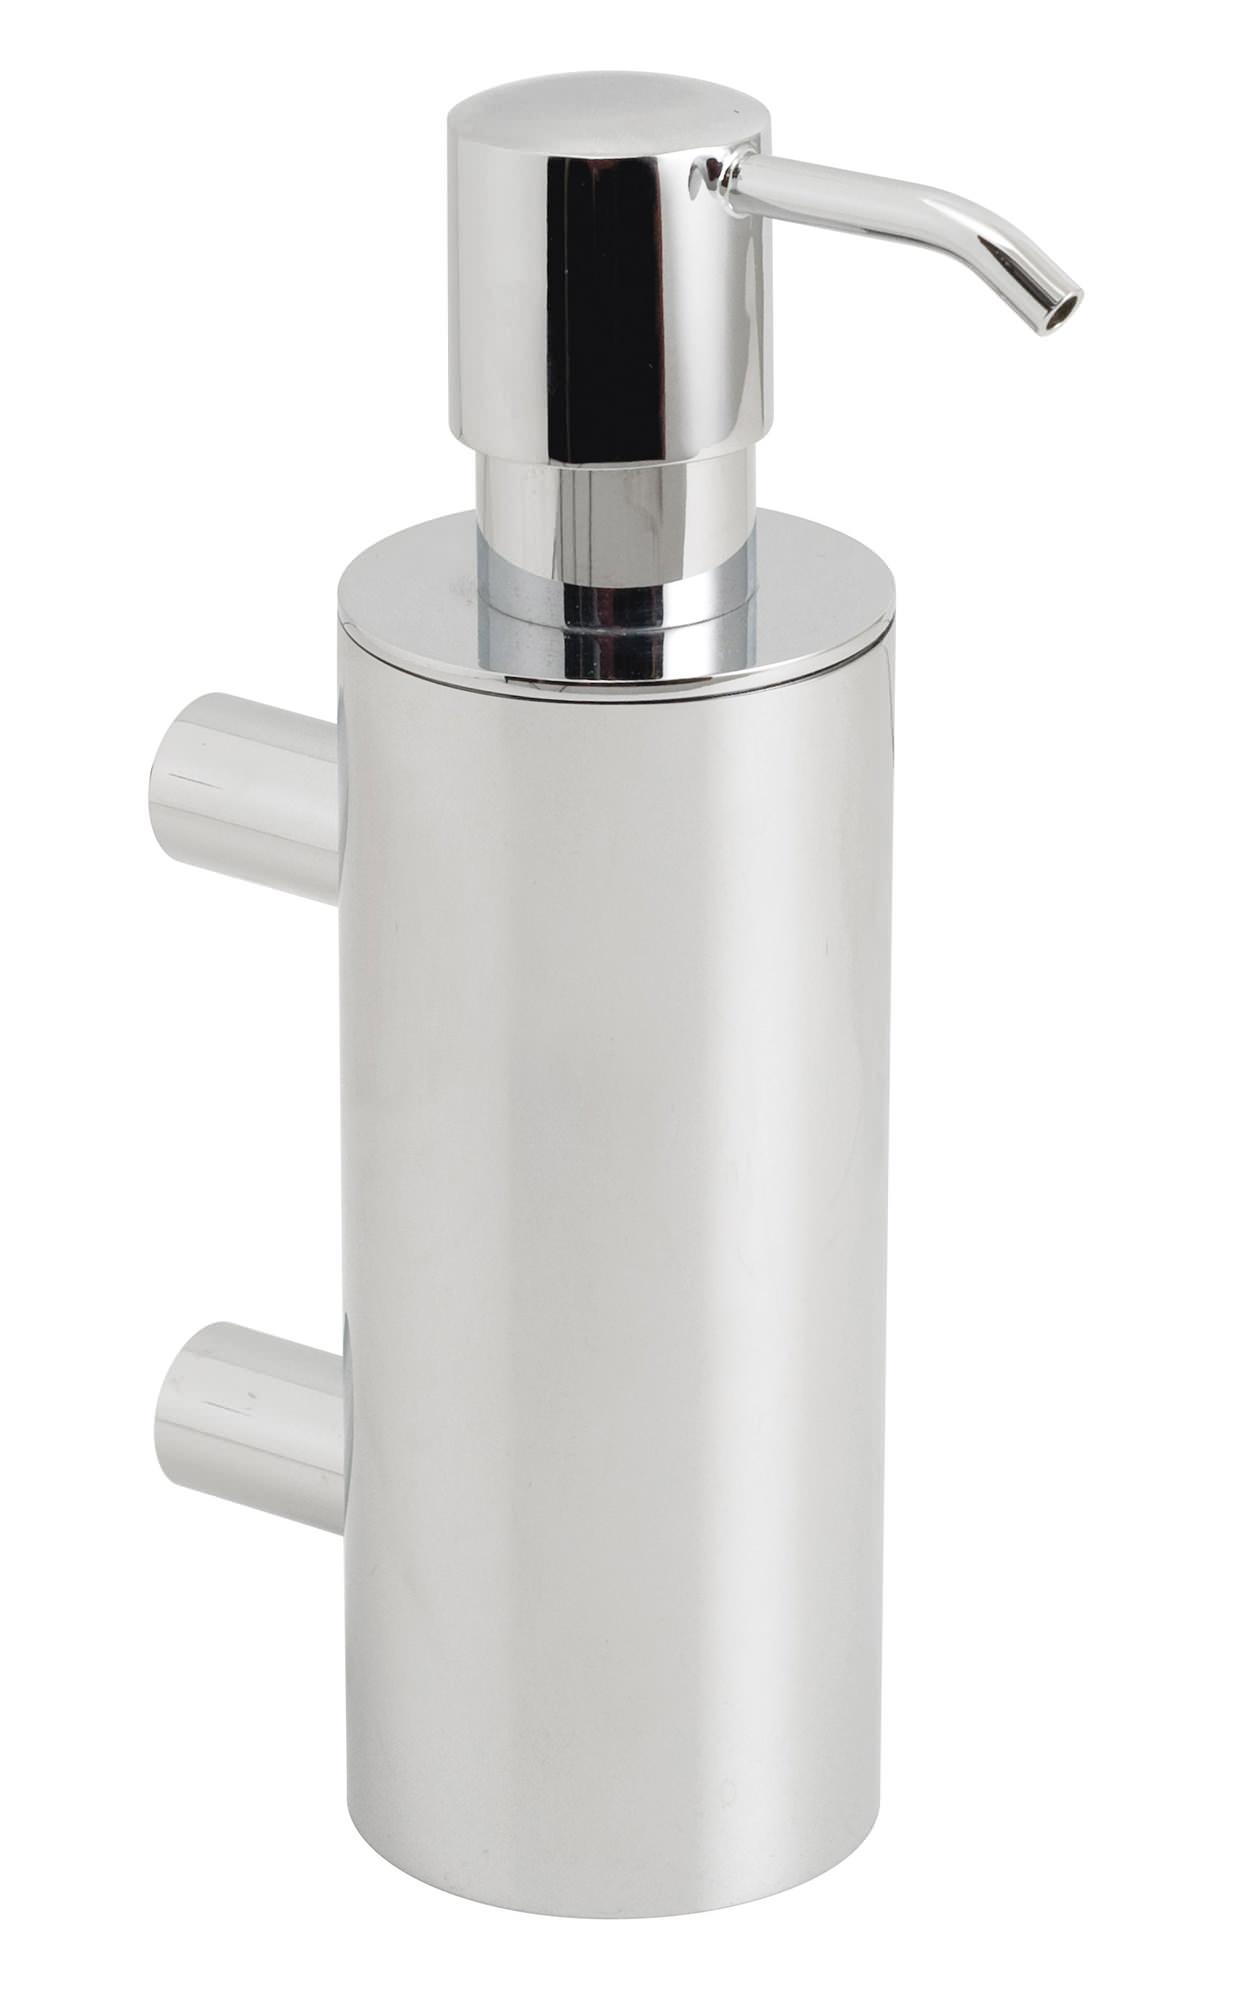 Vado Elements Liquid Soap Dispenser Ele 182b C P